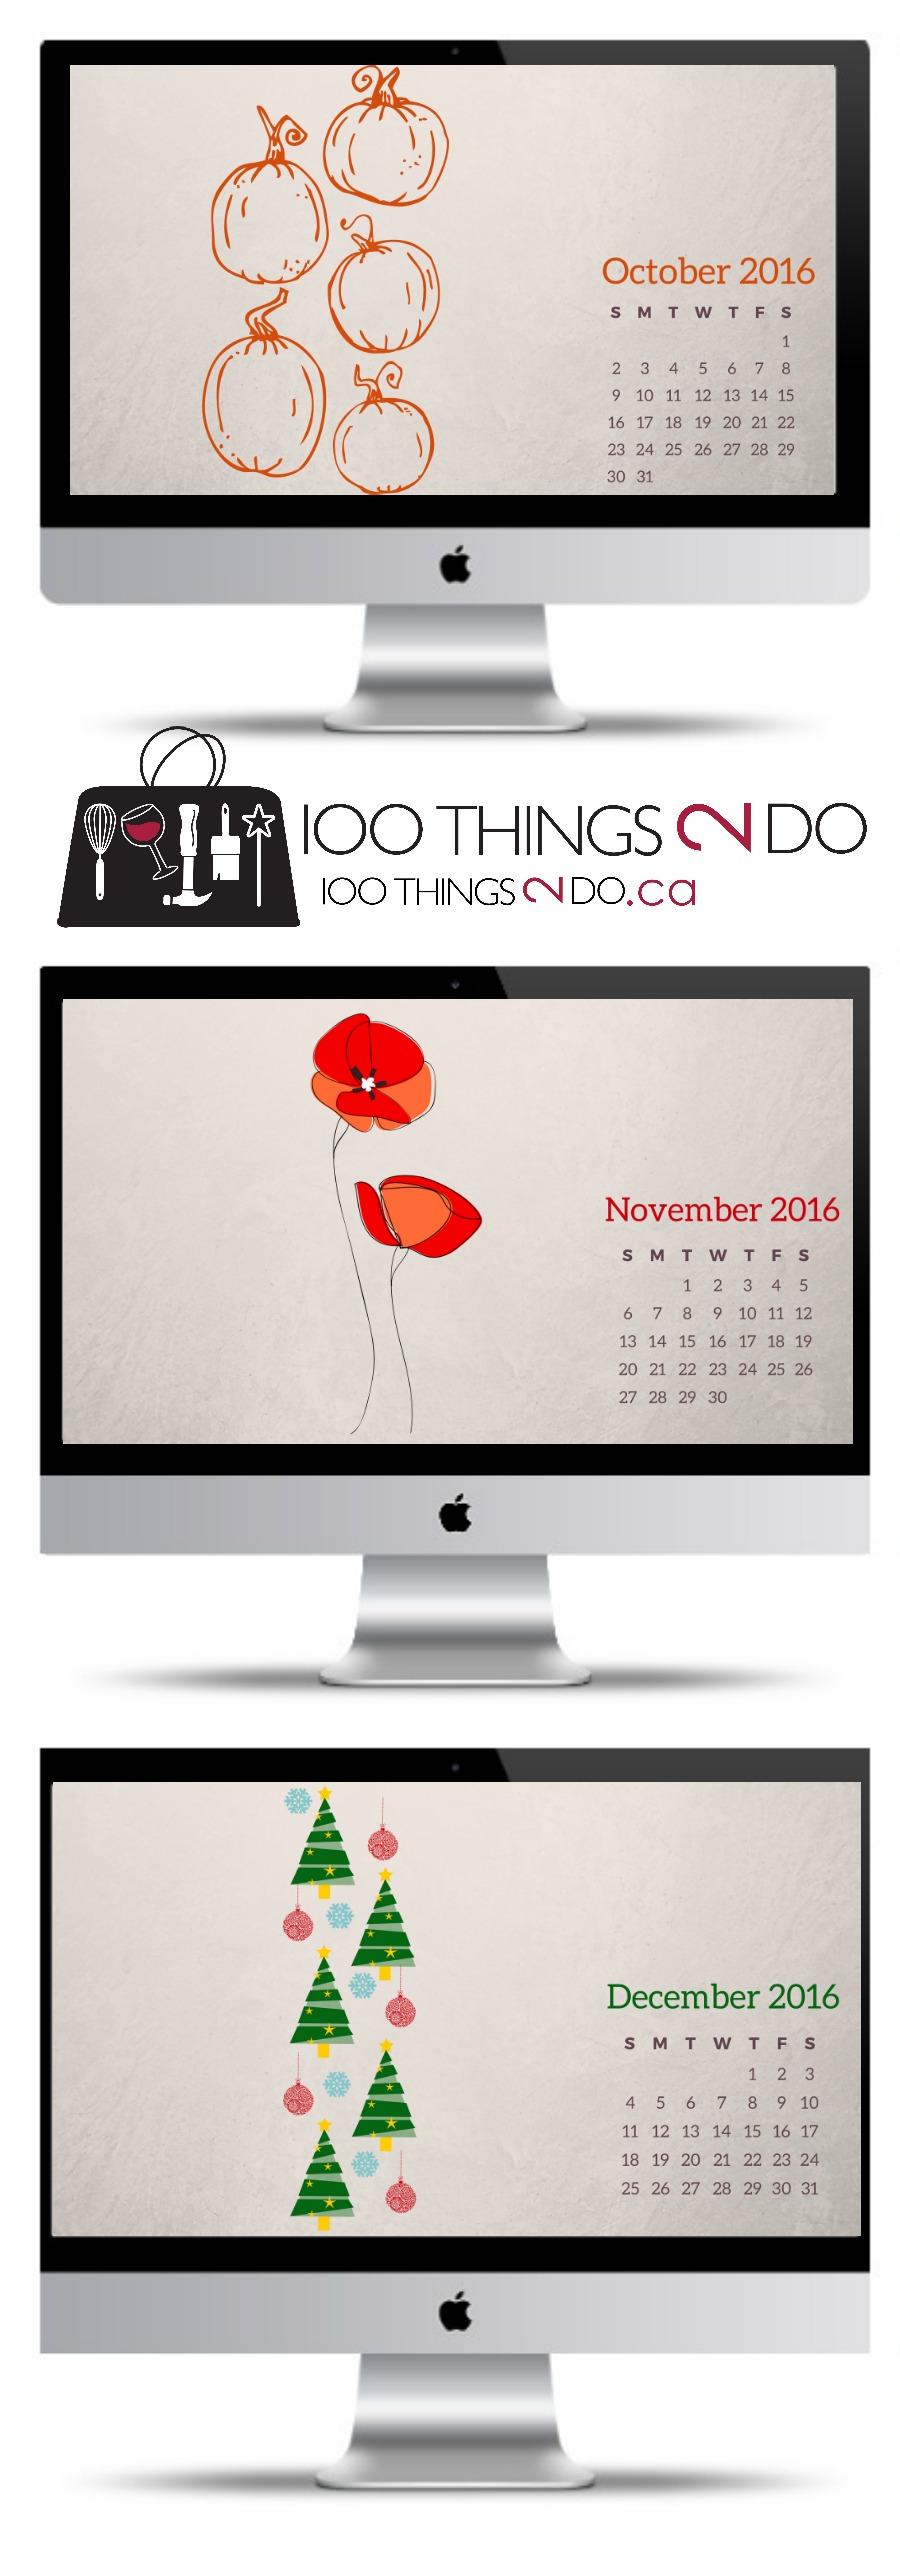 2016 calendar wallpaper, desktop wallpaper, screensaver, free wallpaper, free screensaver